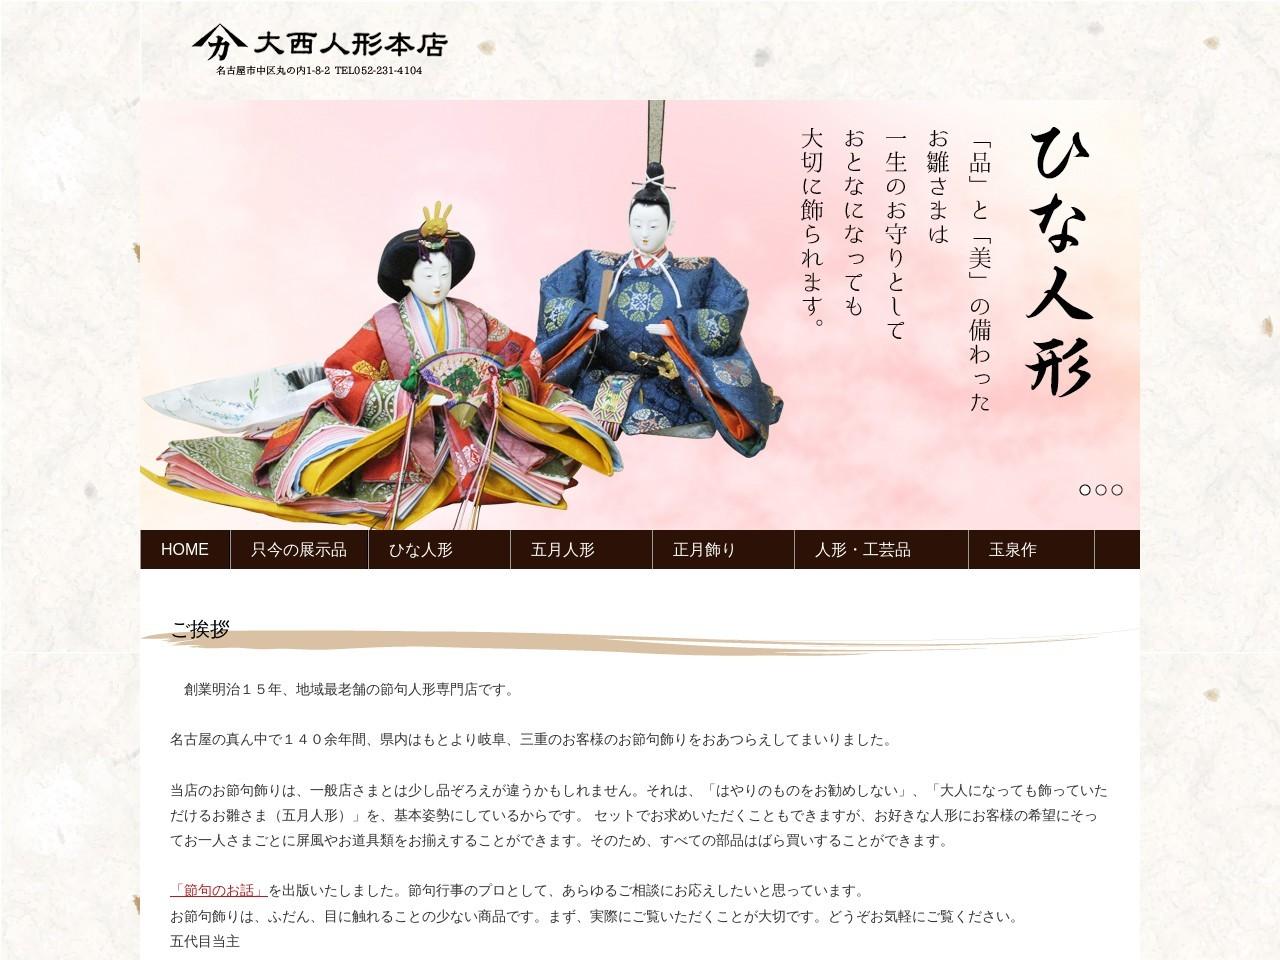 大西人形本店 名古屋市中区丸の内 トップページ